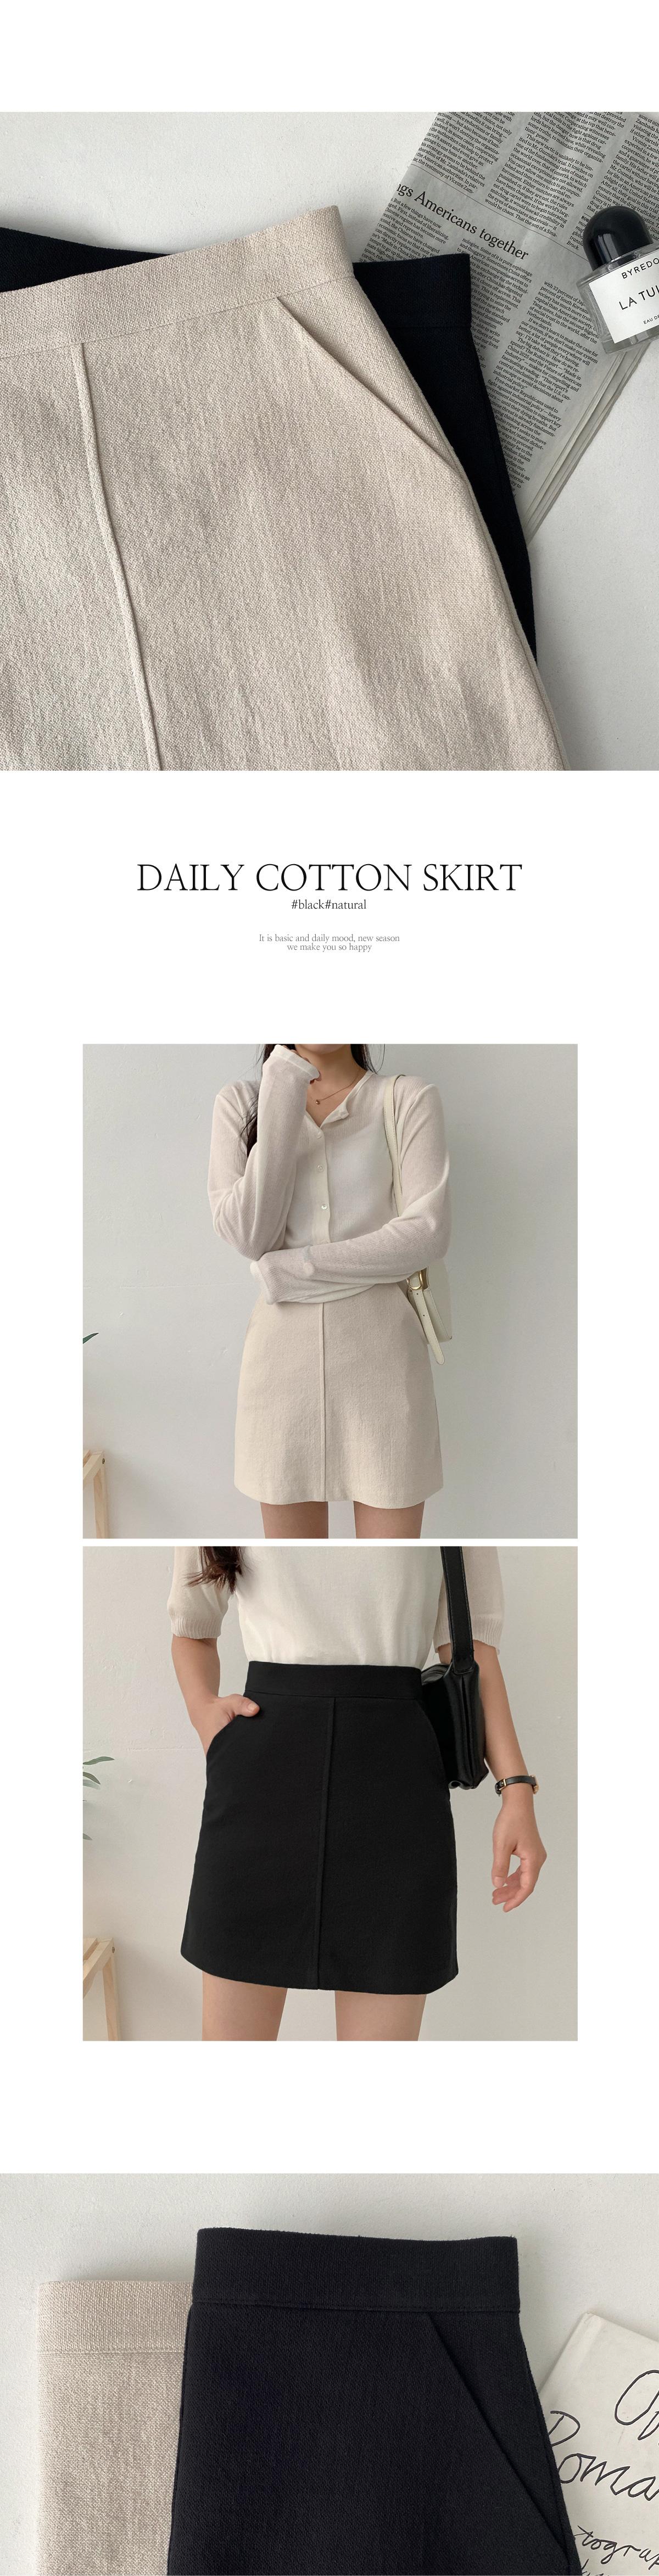 Eden Daily Skirt